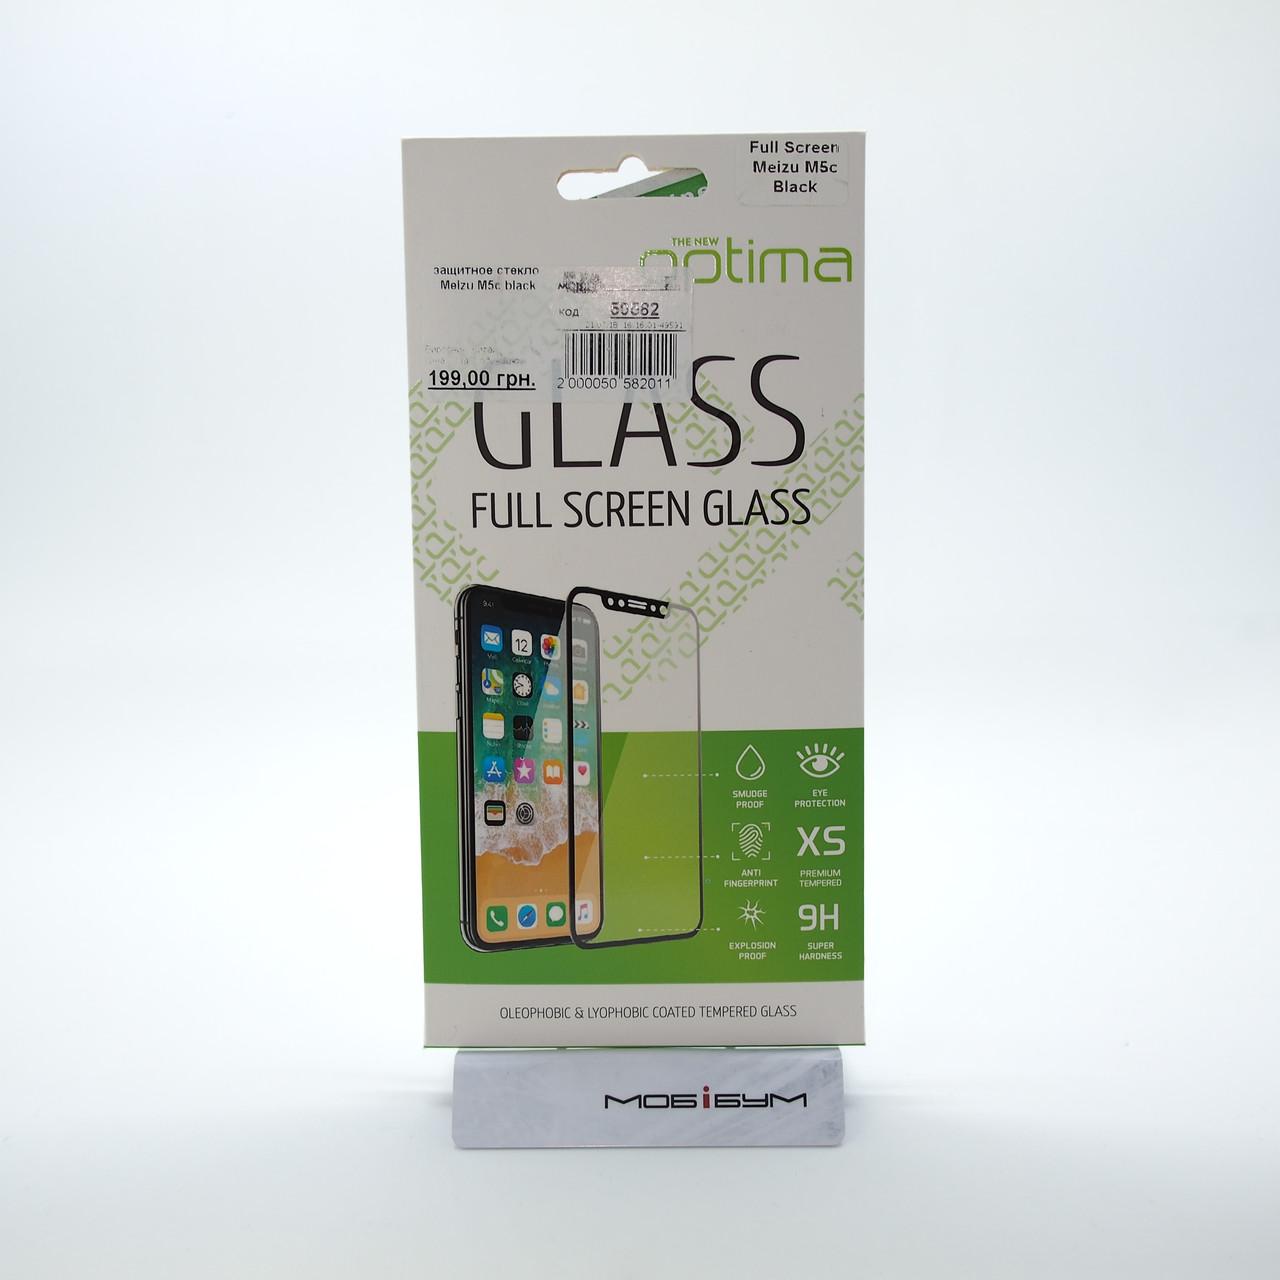 Защитное стекло Meizu M5c black Для телефона